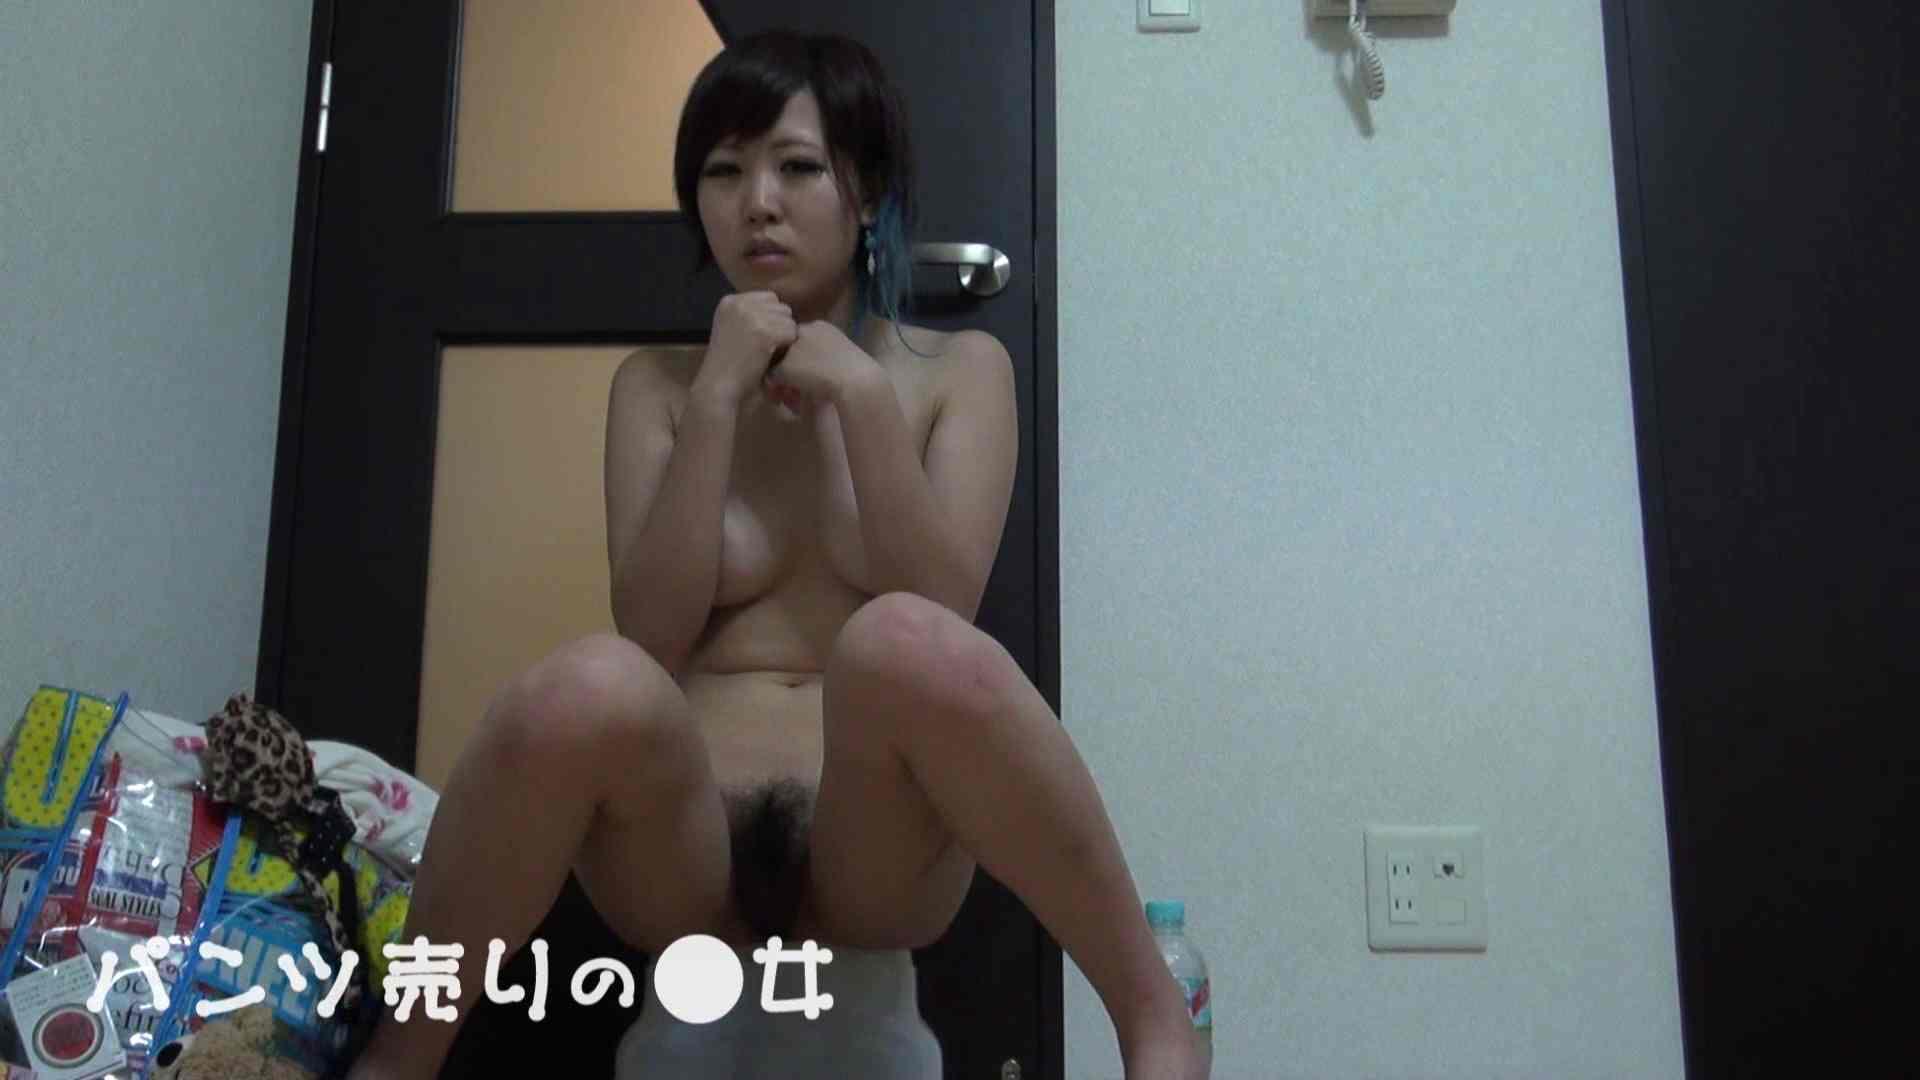 新説 パンツ売りの女の子nana02 一般投稿  97pic 42